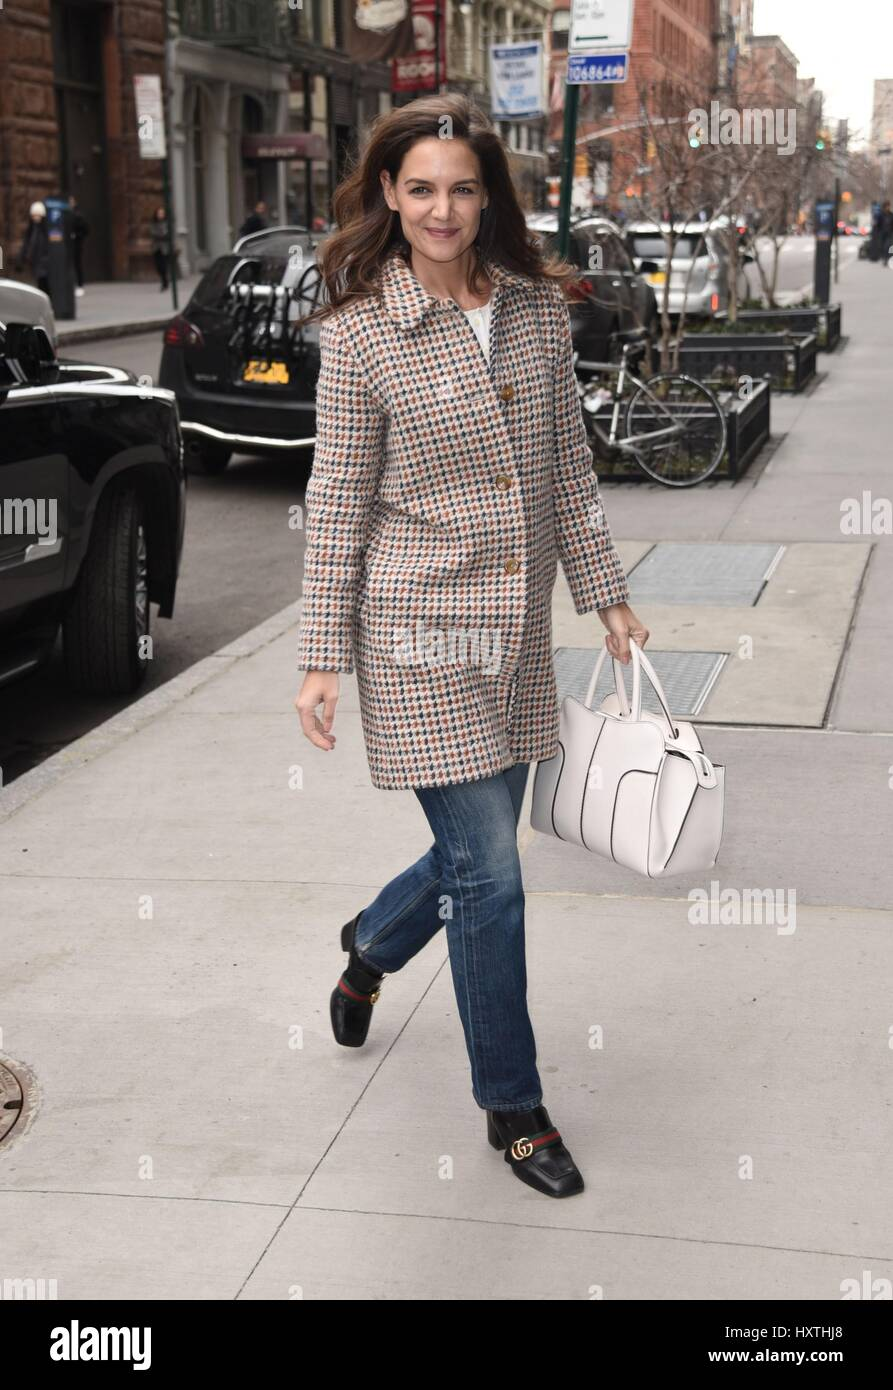 New York, NY, USA. 30. März 2017. Katie Holmes unterwegs für Promi-Schnappschüsse - THU, New York, Stockbild